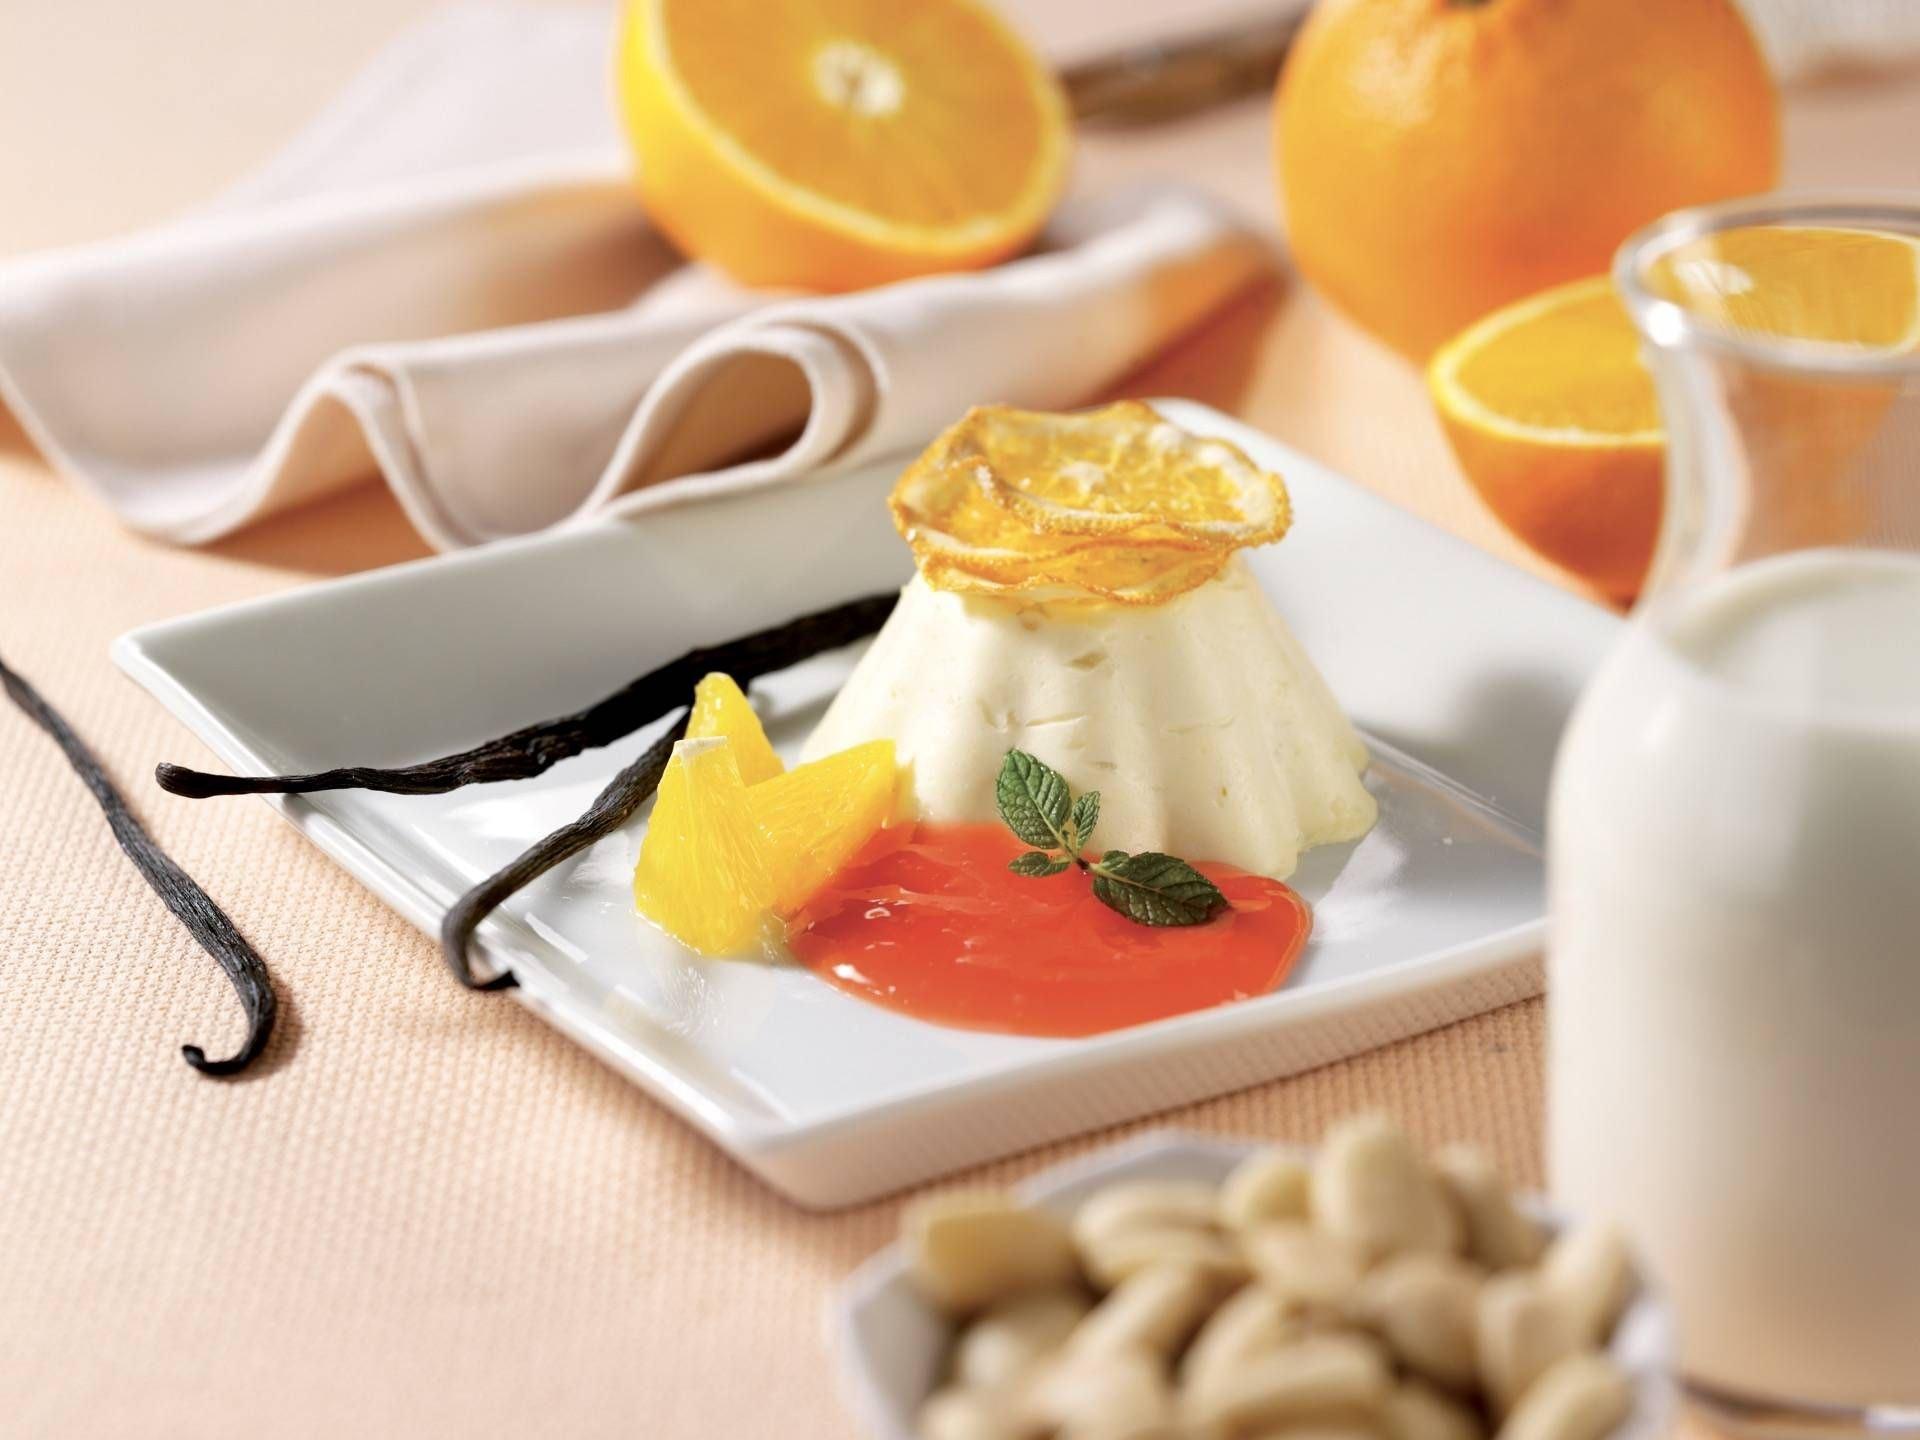 Semifreddo all'arancia - Parmalat